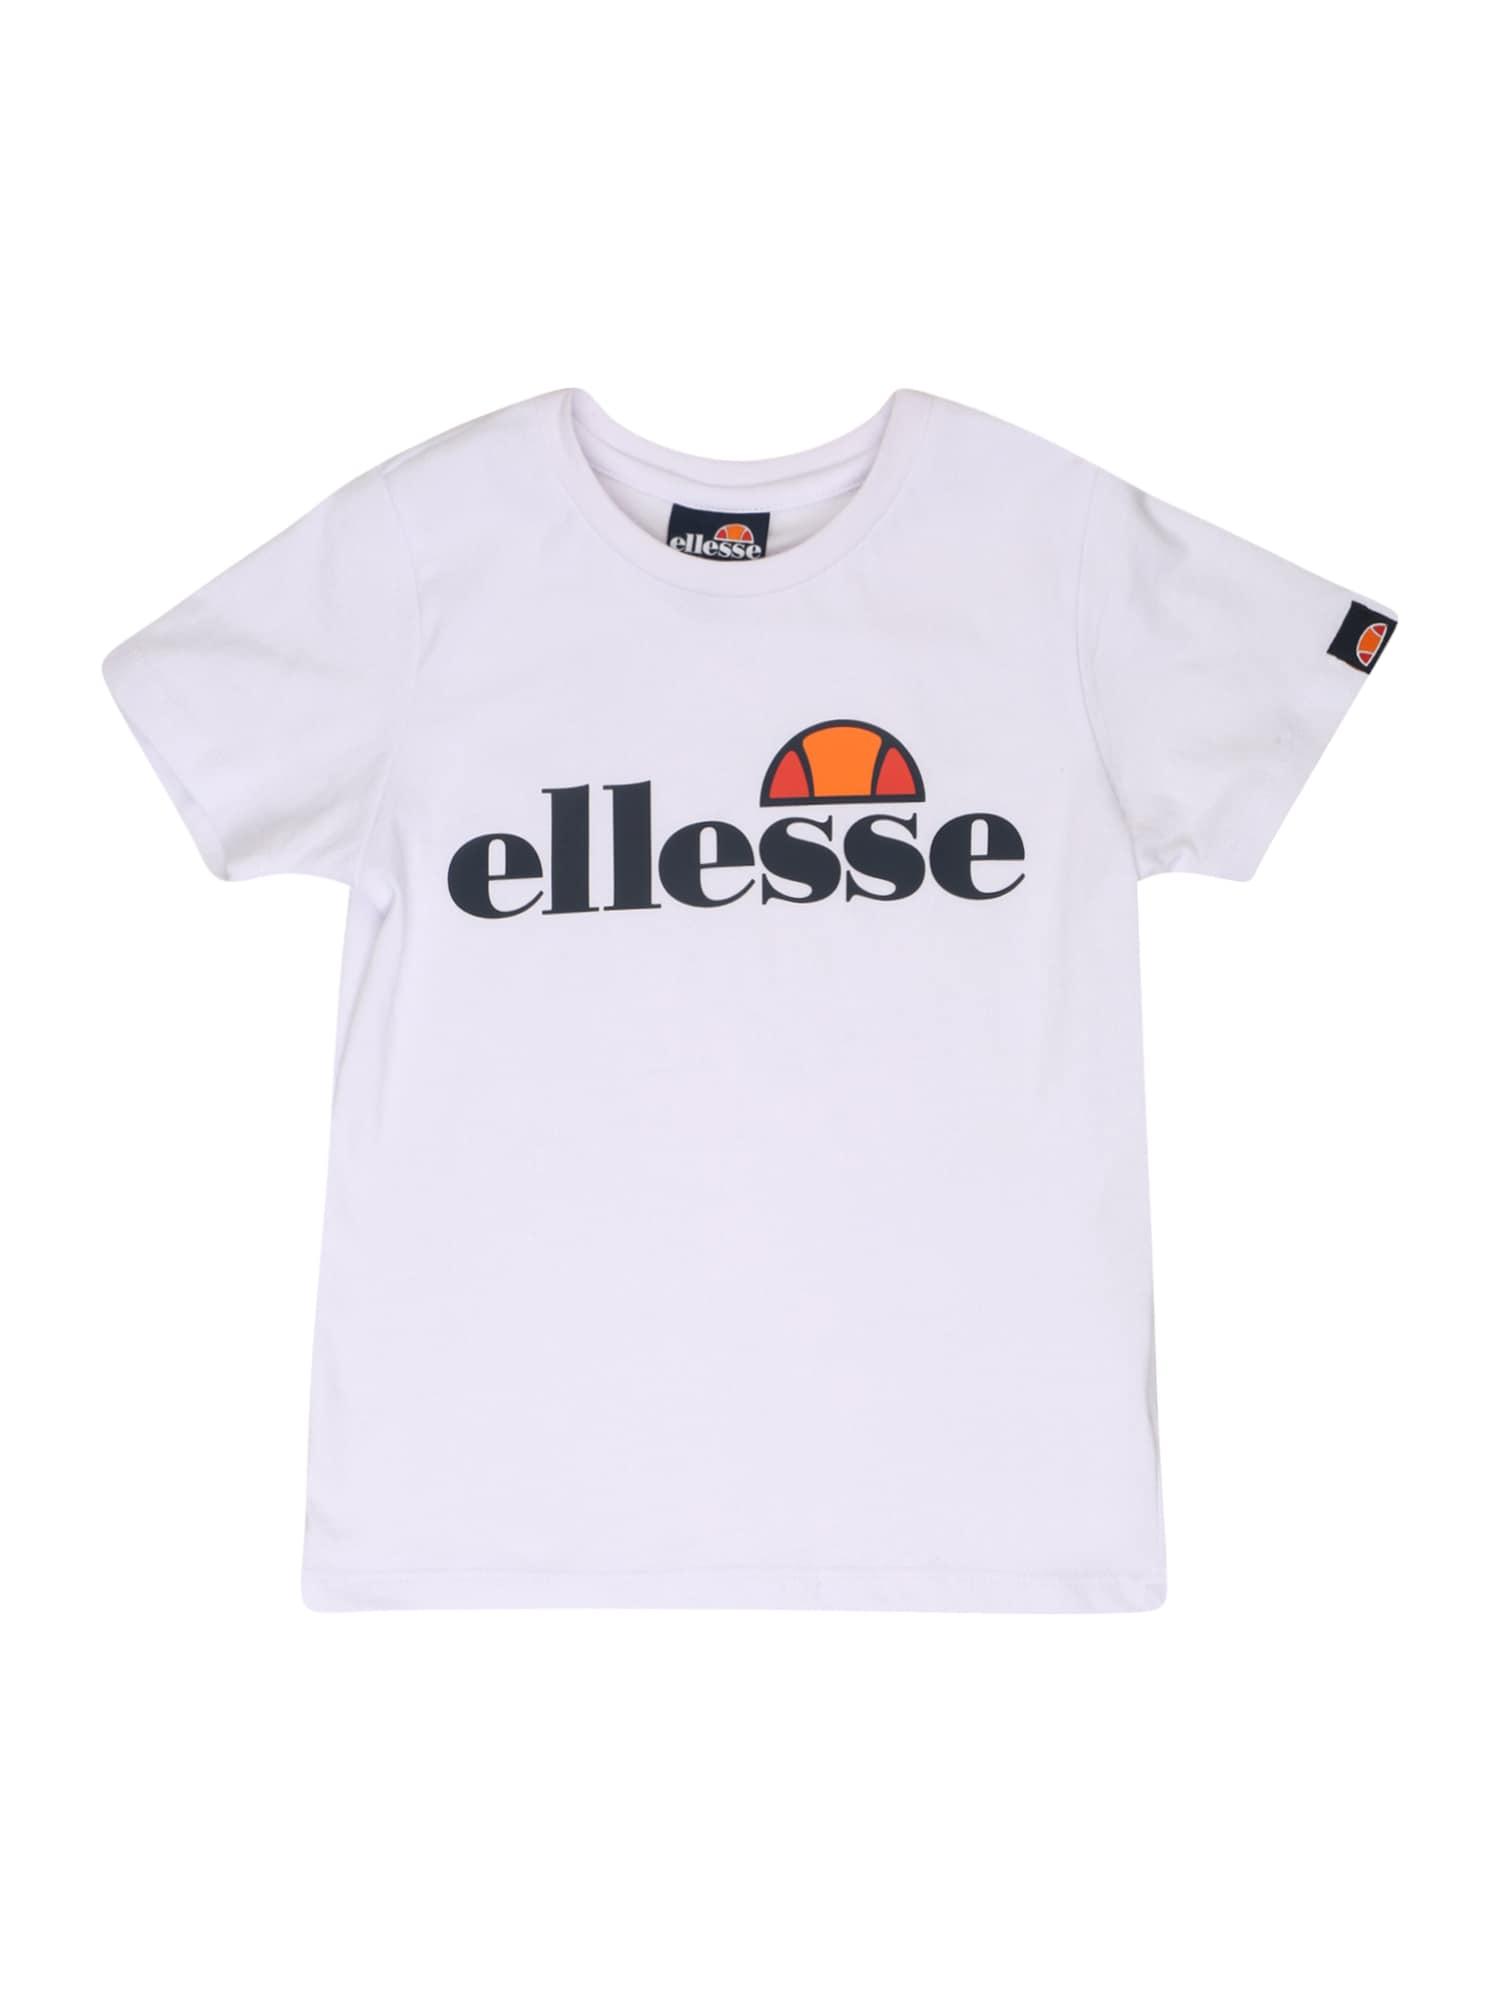 ELLESSE Marškinėliai 'Malia' balta / tamsiai mėlyna / oranžinė / raudona